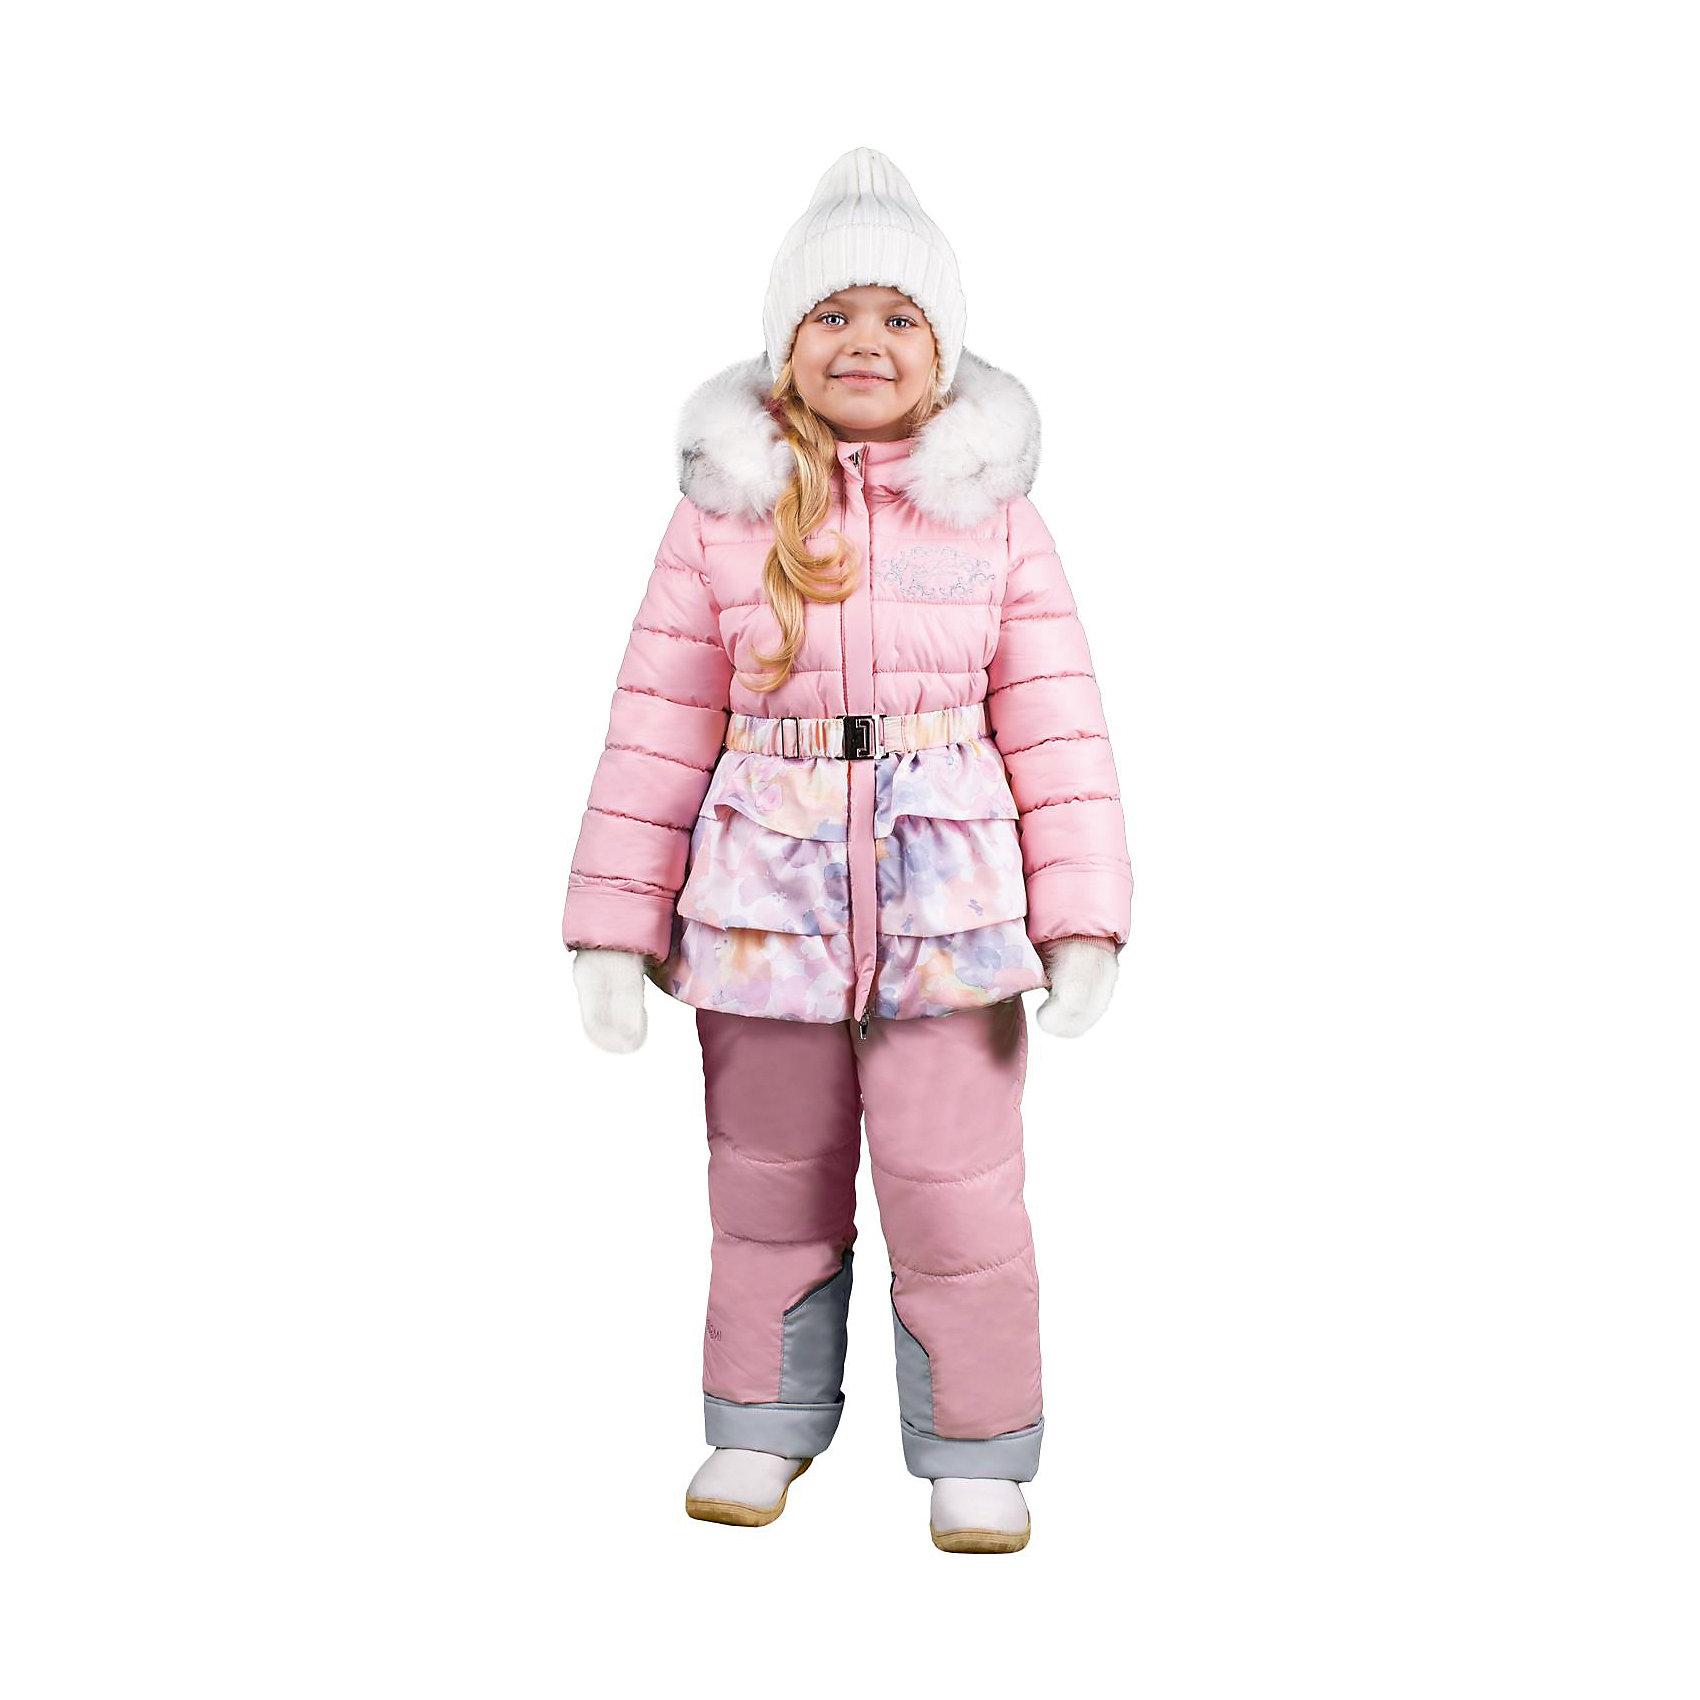 Комплект: курта и брюки для девочки BOOM by OrbyХарактеристики изделия:<br><br>- комплектация: куртка, комбинезон, муфта;<br>- материал верха: мягкая болонь;<br>- подкладка: ПЭ, флис;<br>- утеплитель: Flexy Fiber 400 г/м2, <br>- отделка: вязаное полотно, искусственный мех;<br>- фурнитура: металл, пластик;<br>- застежка: молния;<br>- воротник;<br>- защита подбородка;<br>- клапан от ветра;<br>- вышивка на куртке;<br>- температурный режим до -30°С<br><br><br>В холодный сезон девочки хотят одеваться не только тепло, но и модно. Этот стильный и теплый комплект позволит ребенку наслаждаться зимним отдыхом, не боясь замерзнуть, и выглядеть при этом очень симпатично.<br>Теплая куртка плотно сидит благодаря манжетам и надежным застежкам. Она смотрится очень эффектно благодаря пушистому воротнику и воланам по низу. Полукомбинезон дополнен регулируемыми лямками, карманами и манжетами.<br><br>Комплект: курта и брюки для девочки от бренда BOOM by Orby можно купить в нашем магазине.<br><br>Ширина мм: 215<br>Глубина мм: 88<br>Высота мм: 191<br>Вес г: 336<br>Цвет: бежевый<br>Возраст от месяцев: 48<br>Возраст до месяцев: 60<br>Пол: Женский<br>Возраст: Детский<br>Размер: 110,98,116,86,104,122,92<br>SKU: 4982524